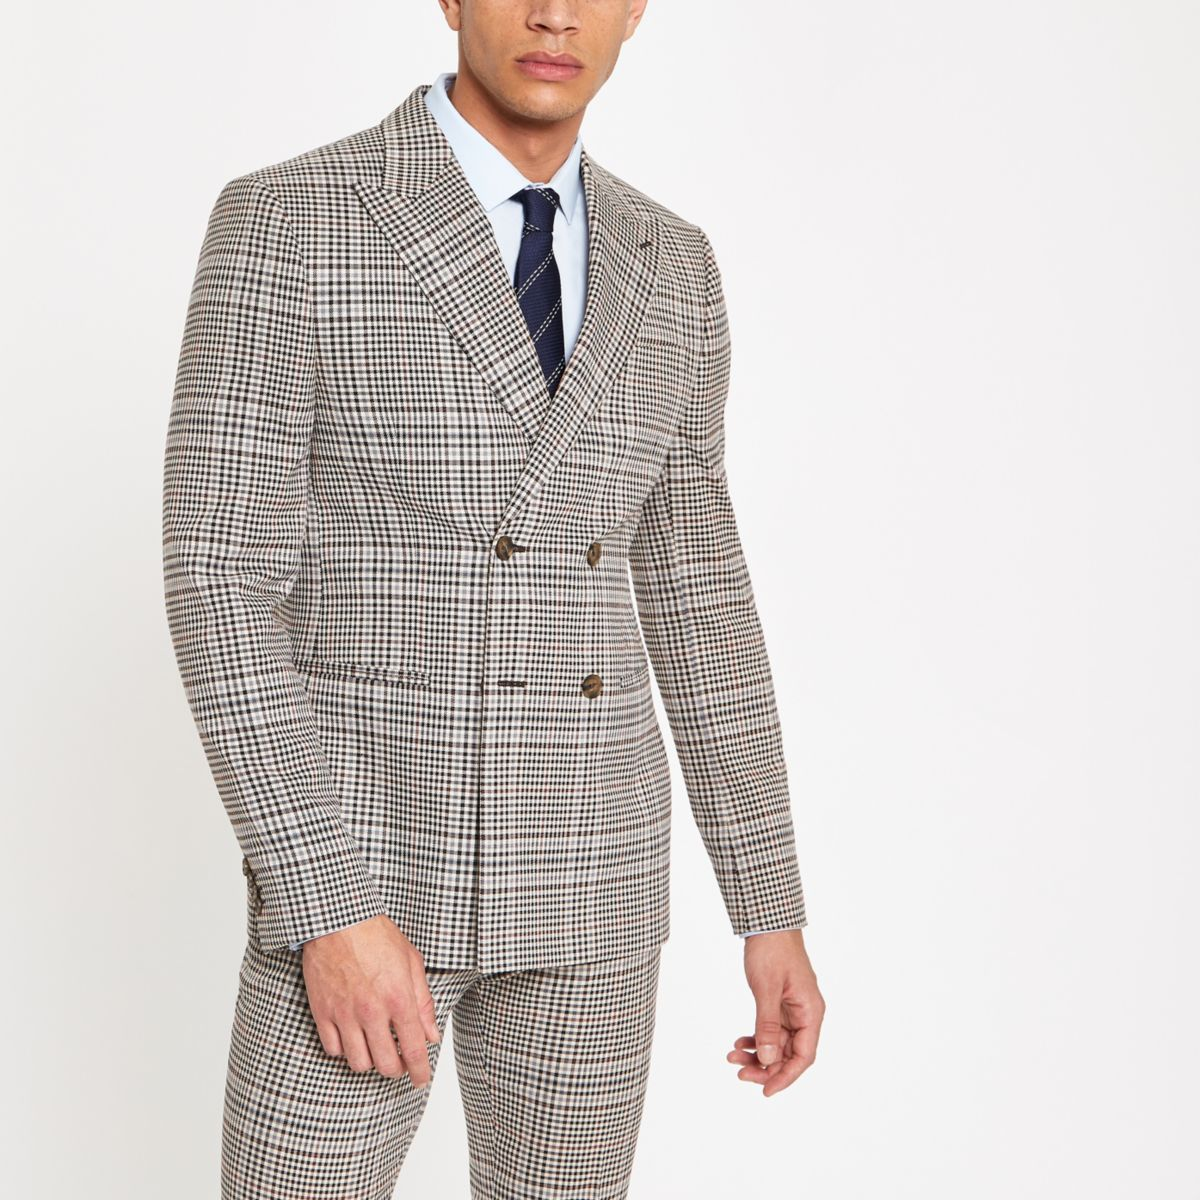 Brown heritage check skinny suit jacket